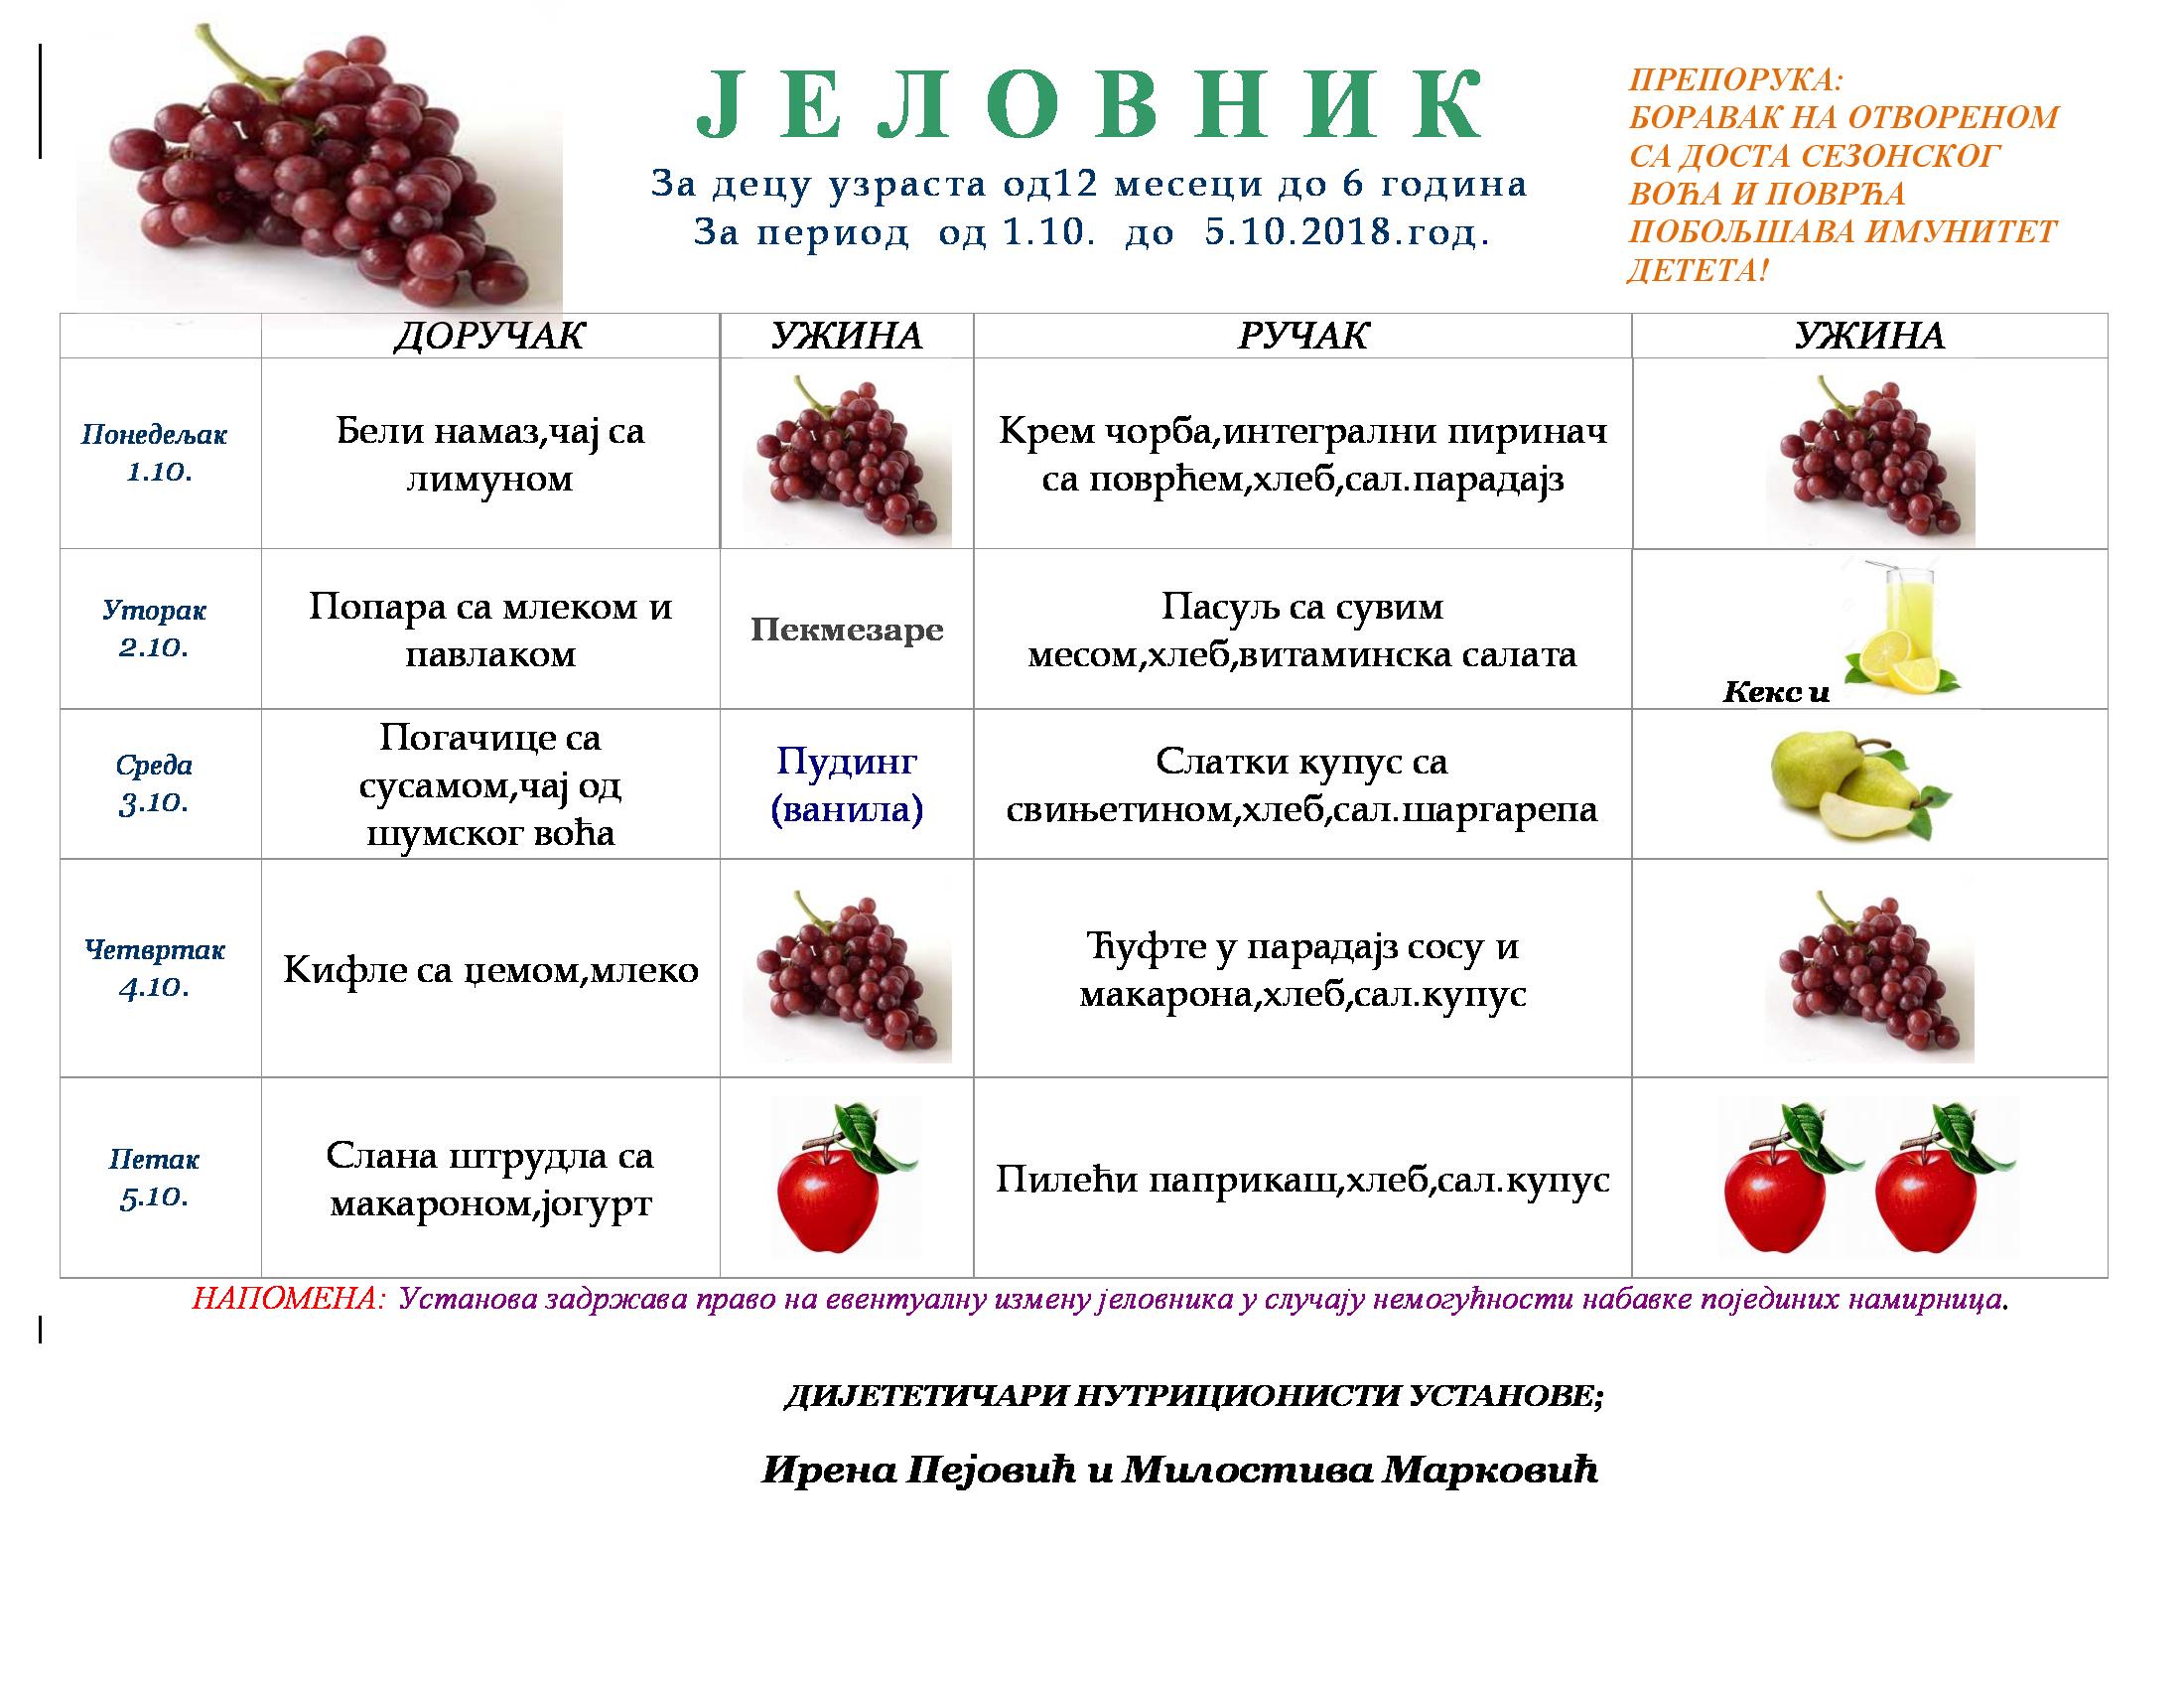 Jelovnik-za-period-od-1.10.-do-5.10.2018.